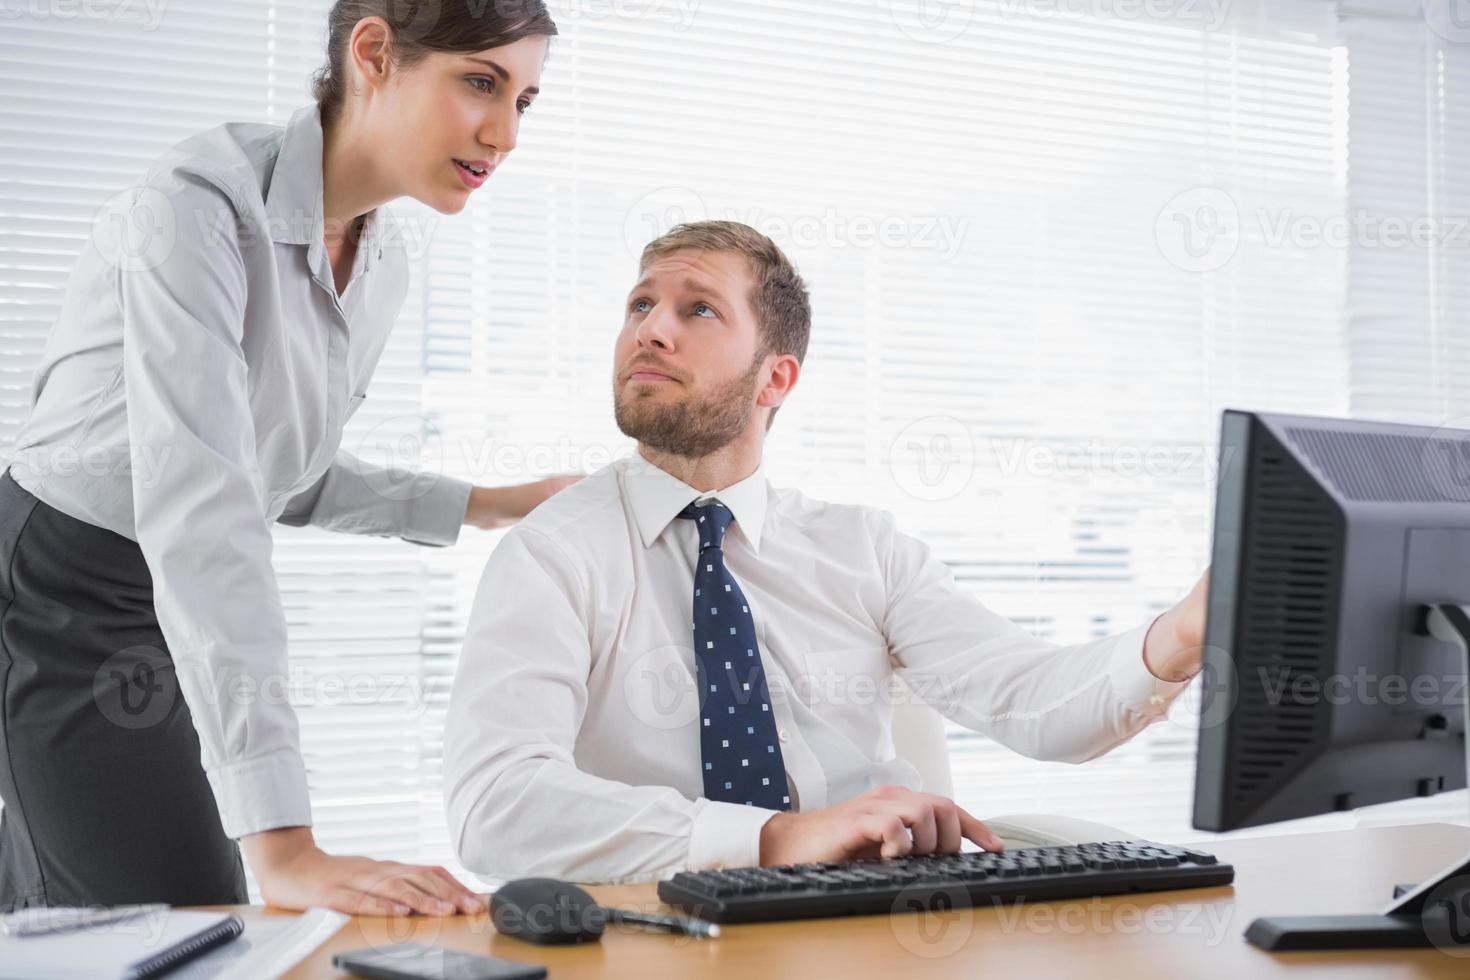 homme d'affaires montrant son collègue quelque chose sur ordinateur photo